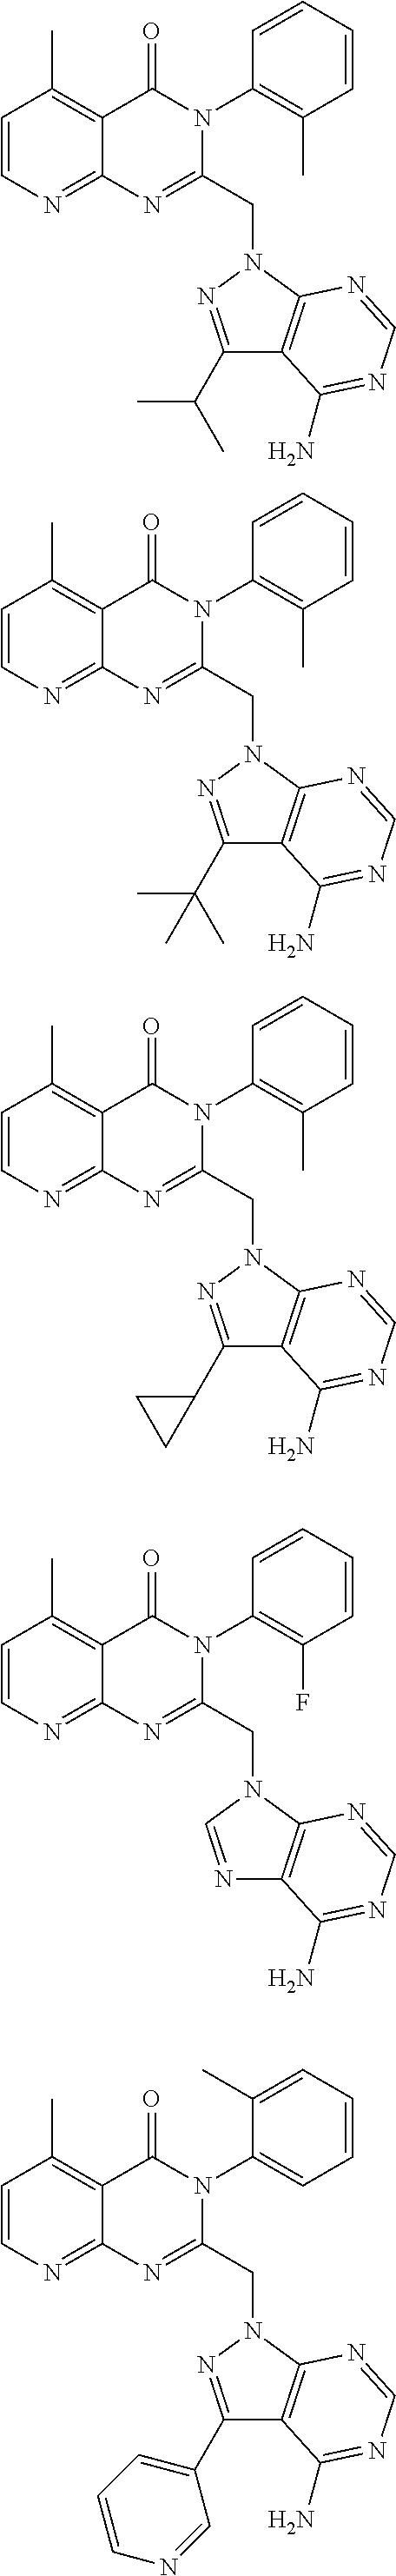 Figure US20110046165A1-20110224-C00327